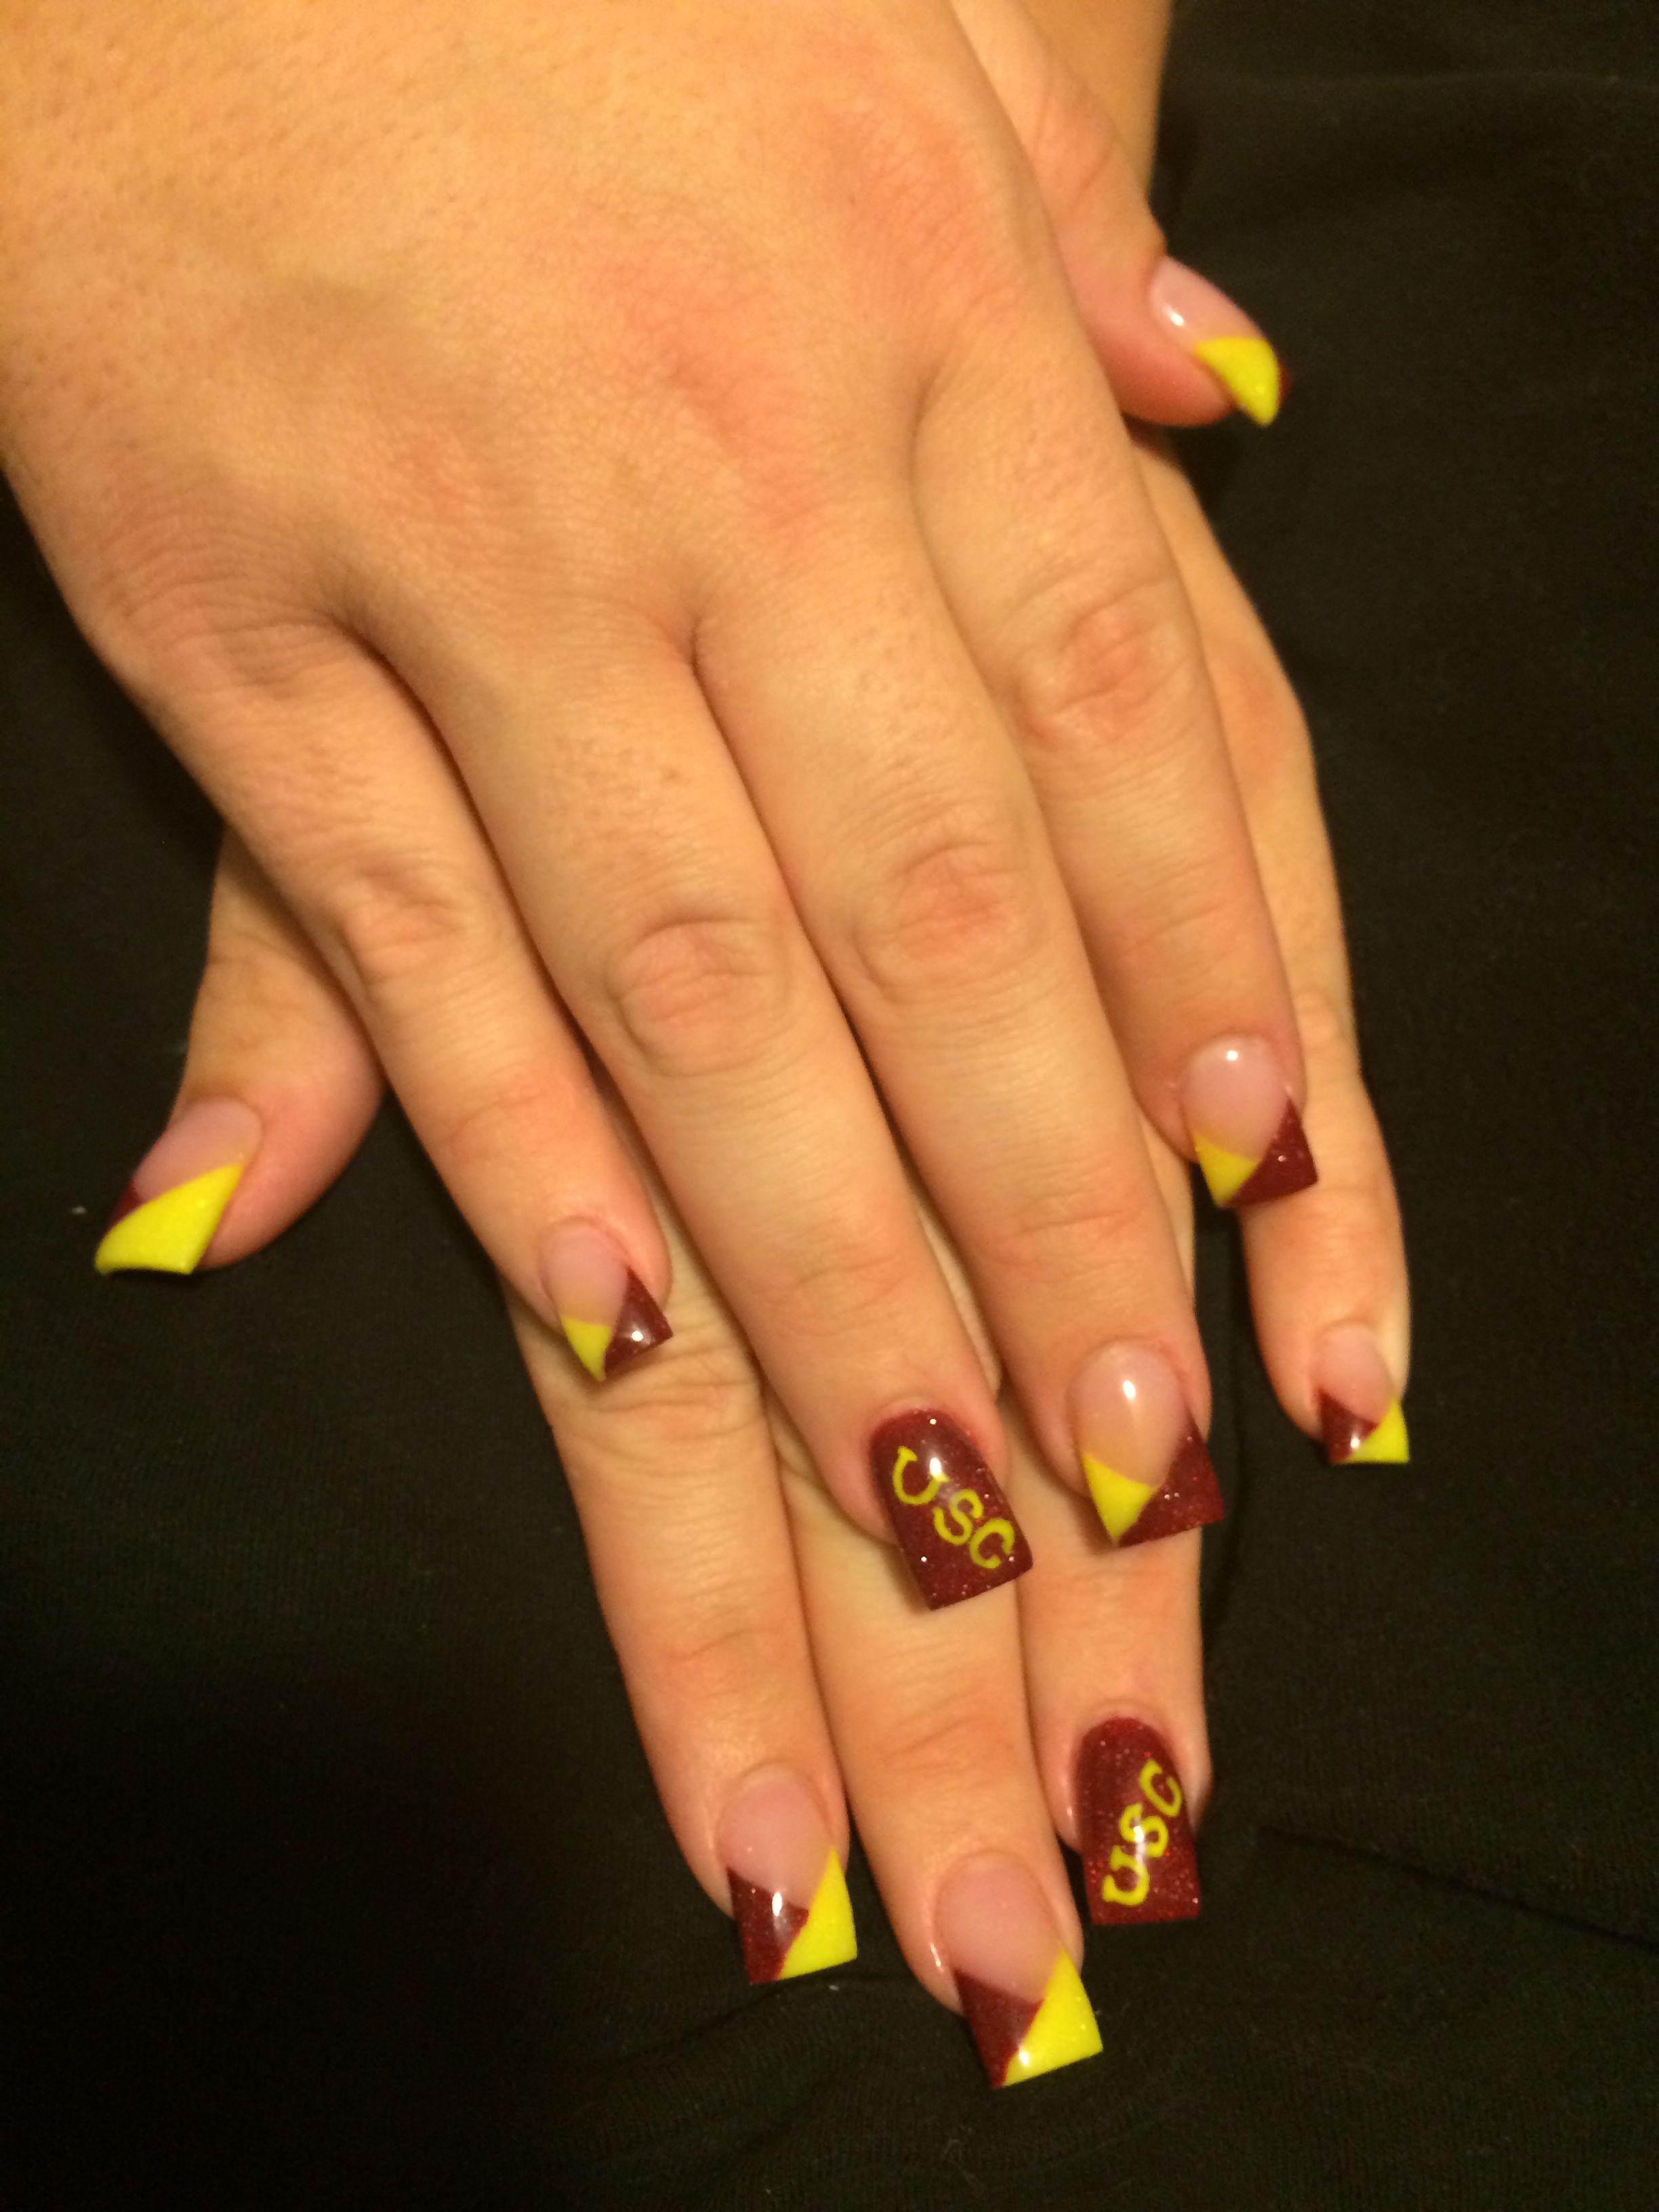 Amazing Usc Nail Art Frieze - Nail Art Ideas - morihati.com